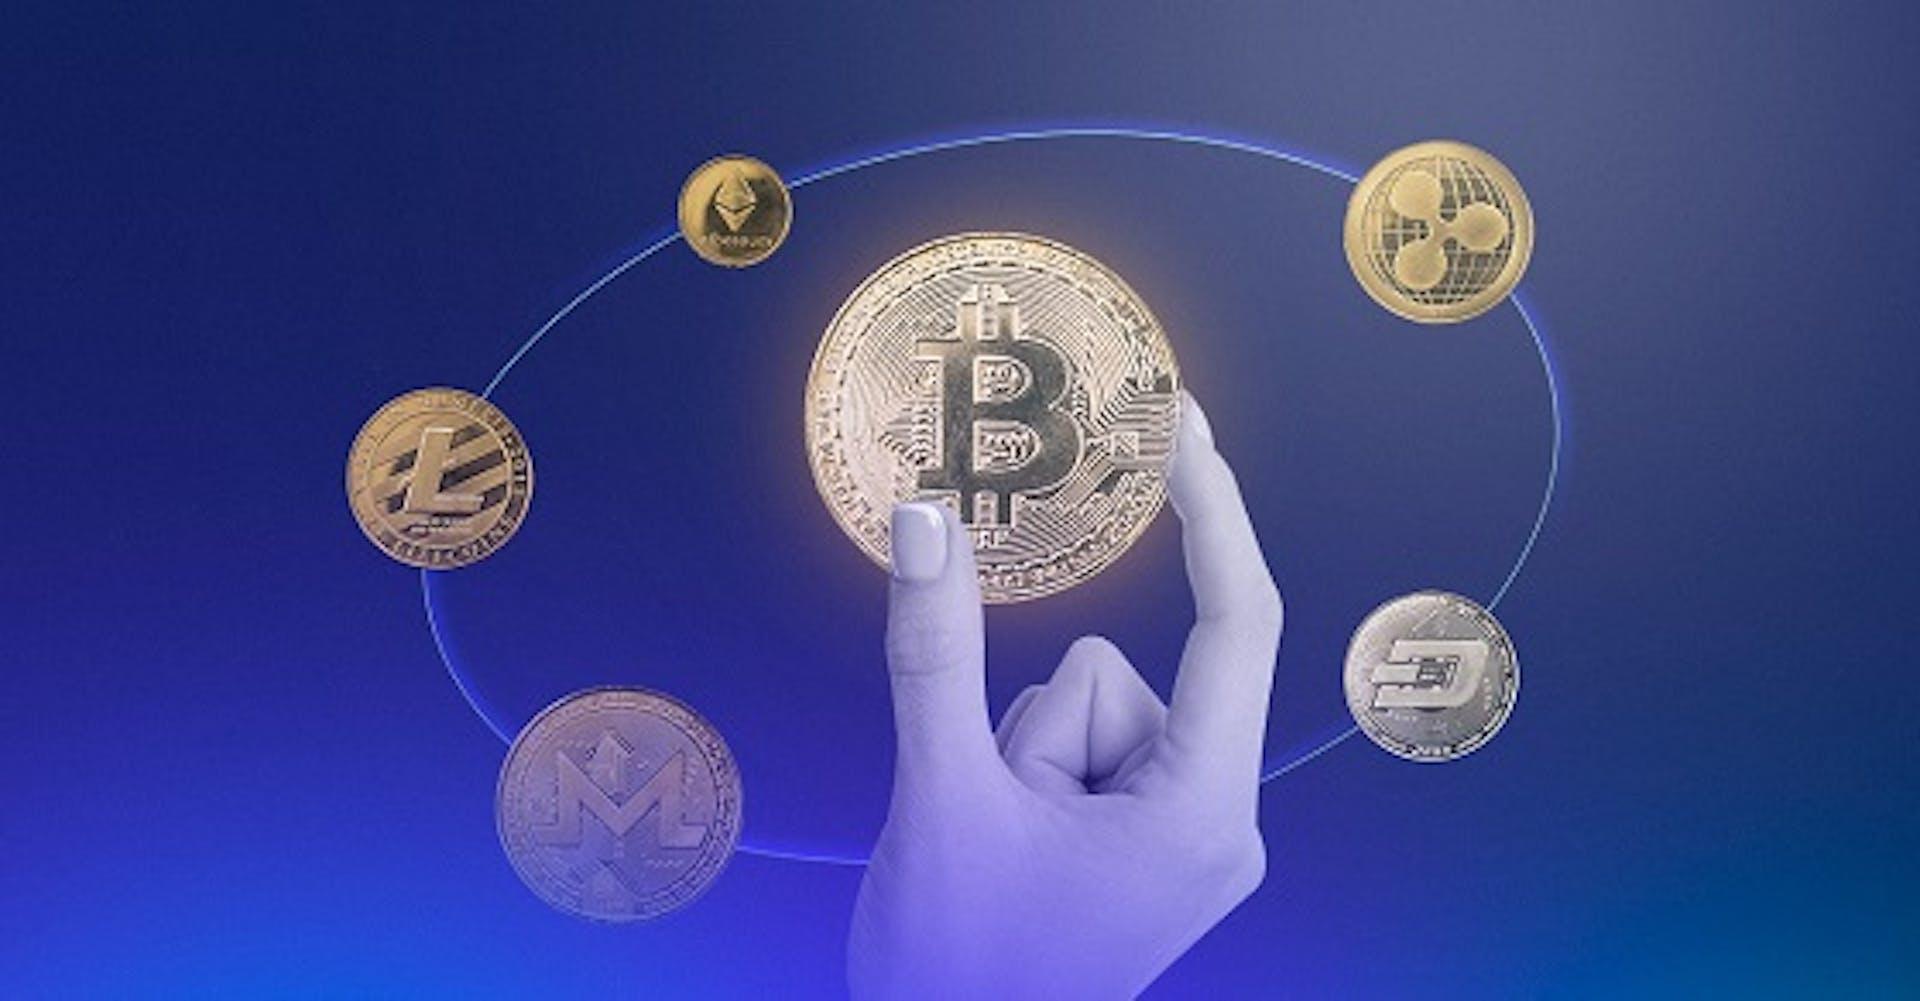 Aprende a invertir en criptomonedas y llena tu wallet con las ganancias